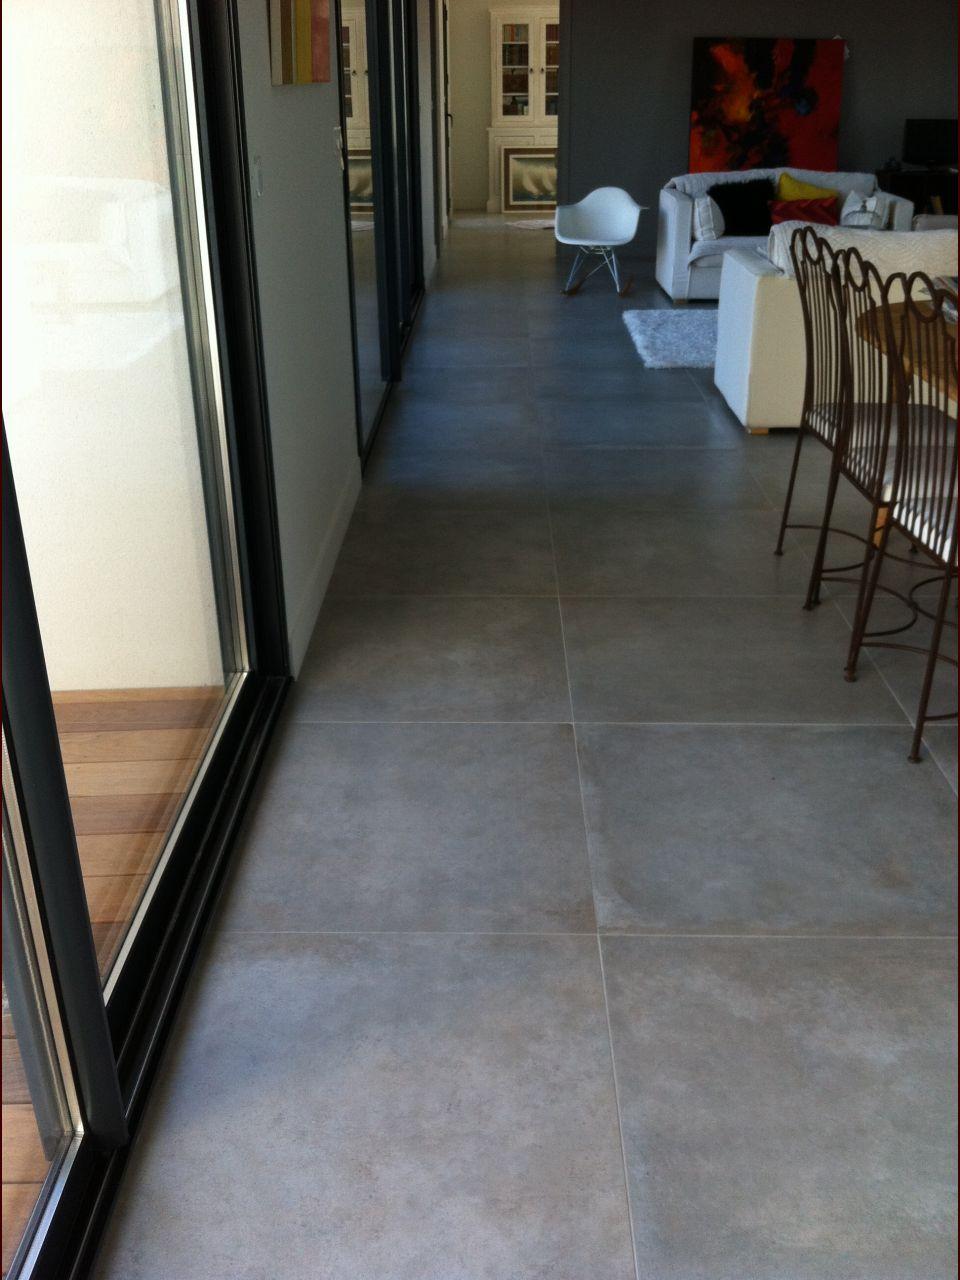 Carrelage gris ciment 80x80 proposé par l'archi.